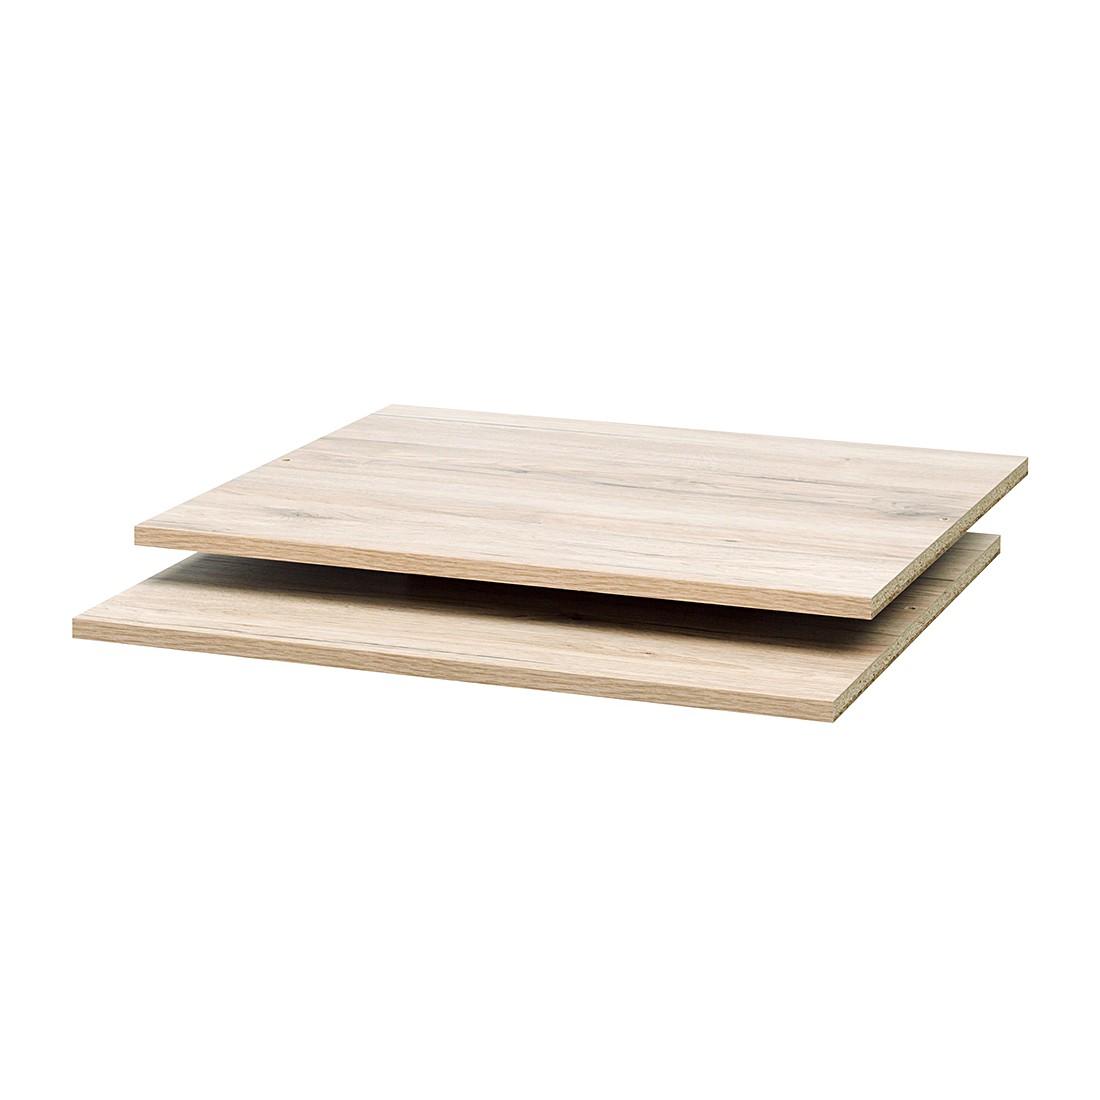 Einlegeboden Soft Smart I (2er-Set) – Eiche Sanremo Dekor – für 120 cm Breite / 42 cm Tiefe, CS Schmal günstig kaufen